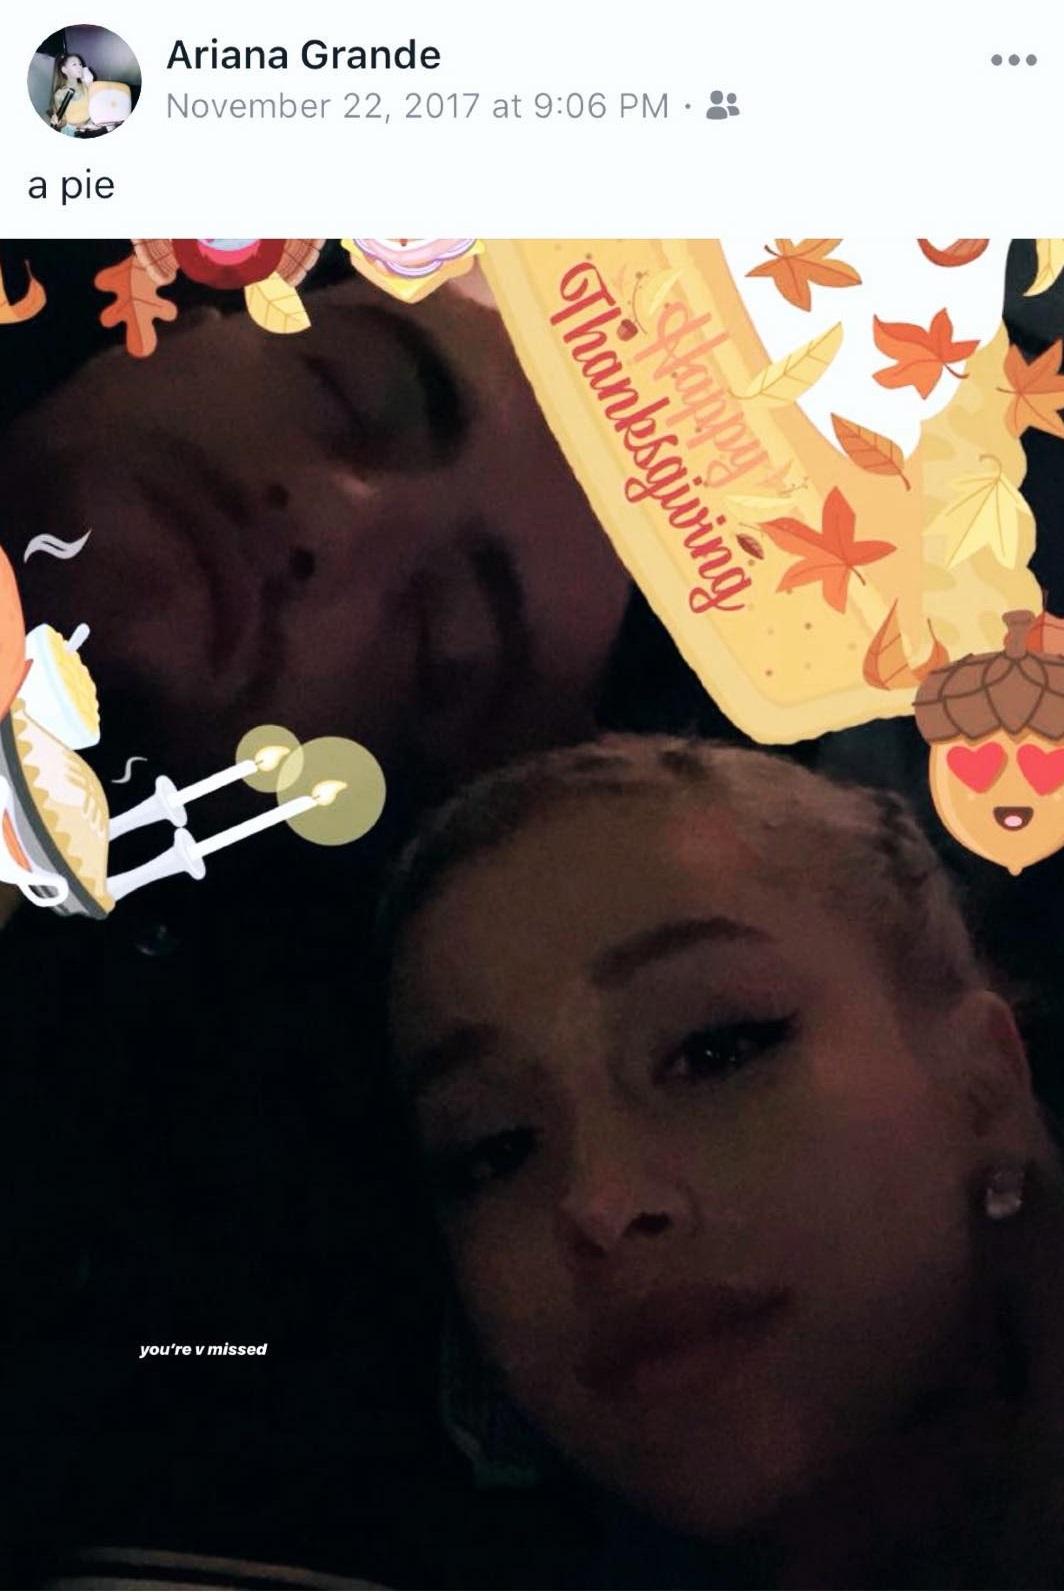 Ariana Grande comparte fotografía por Acción de Gracias junto a Mac Miller (Foto: Instagram)